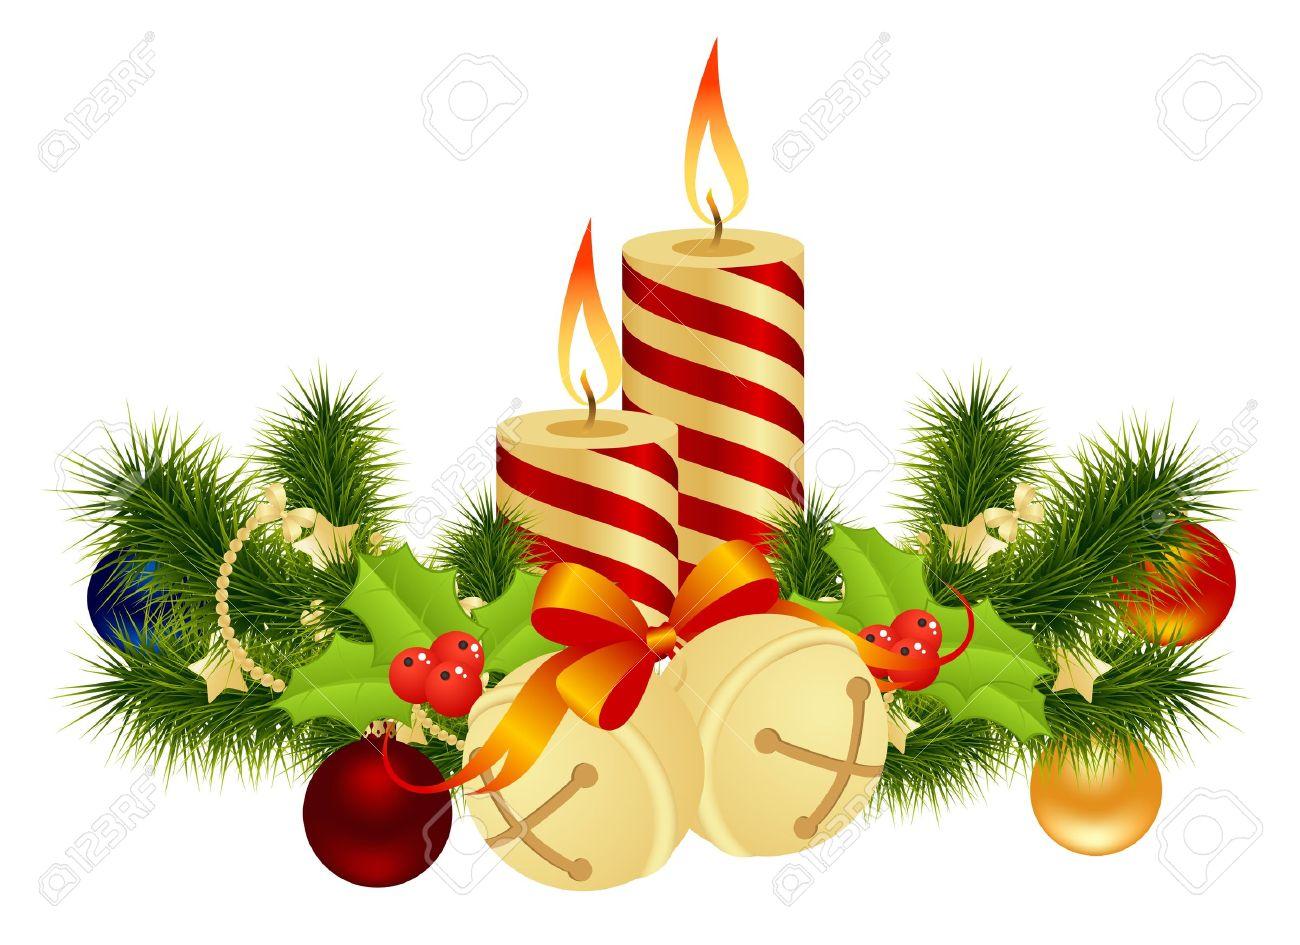 Decoracion De Navidad Con Velas Ilustracion Vectorial - Velas-de-navidad